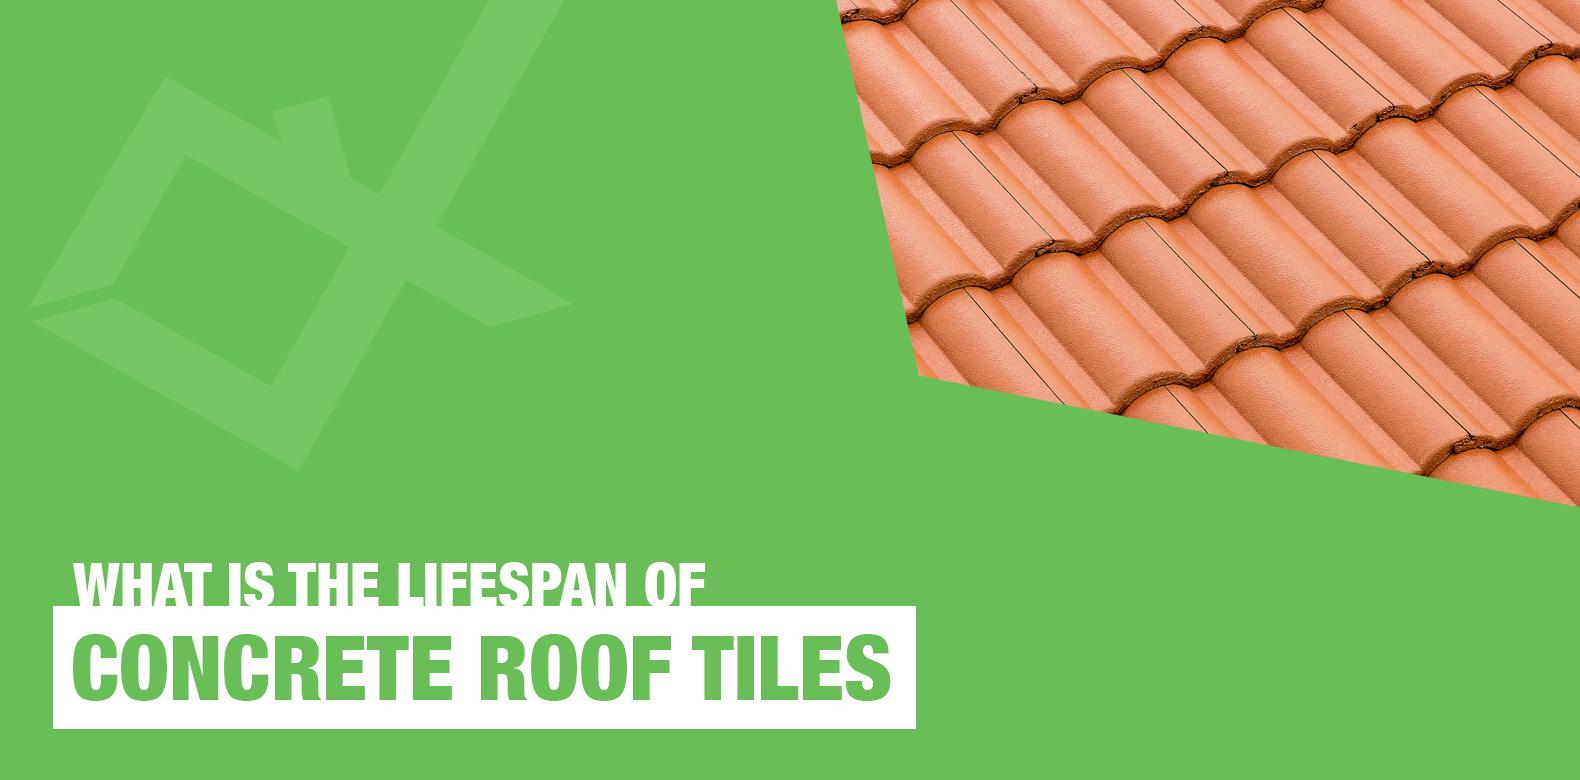 How Long Do Concrete Roof Tiles Last?